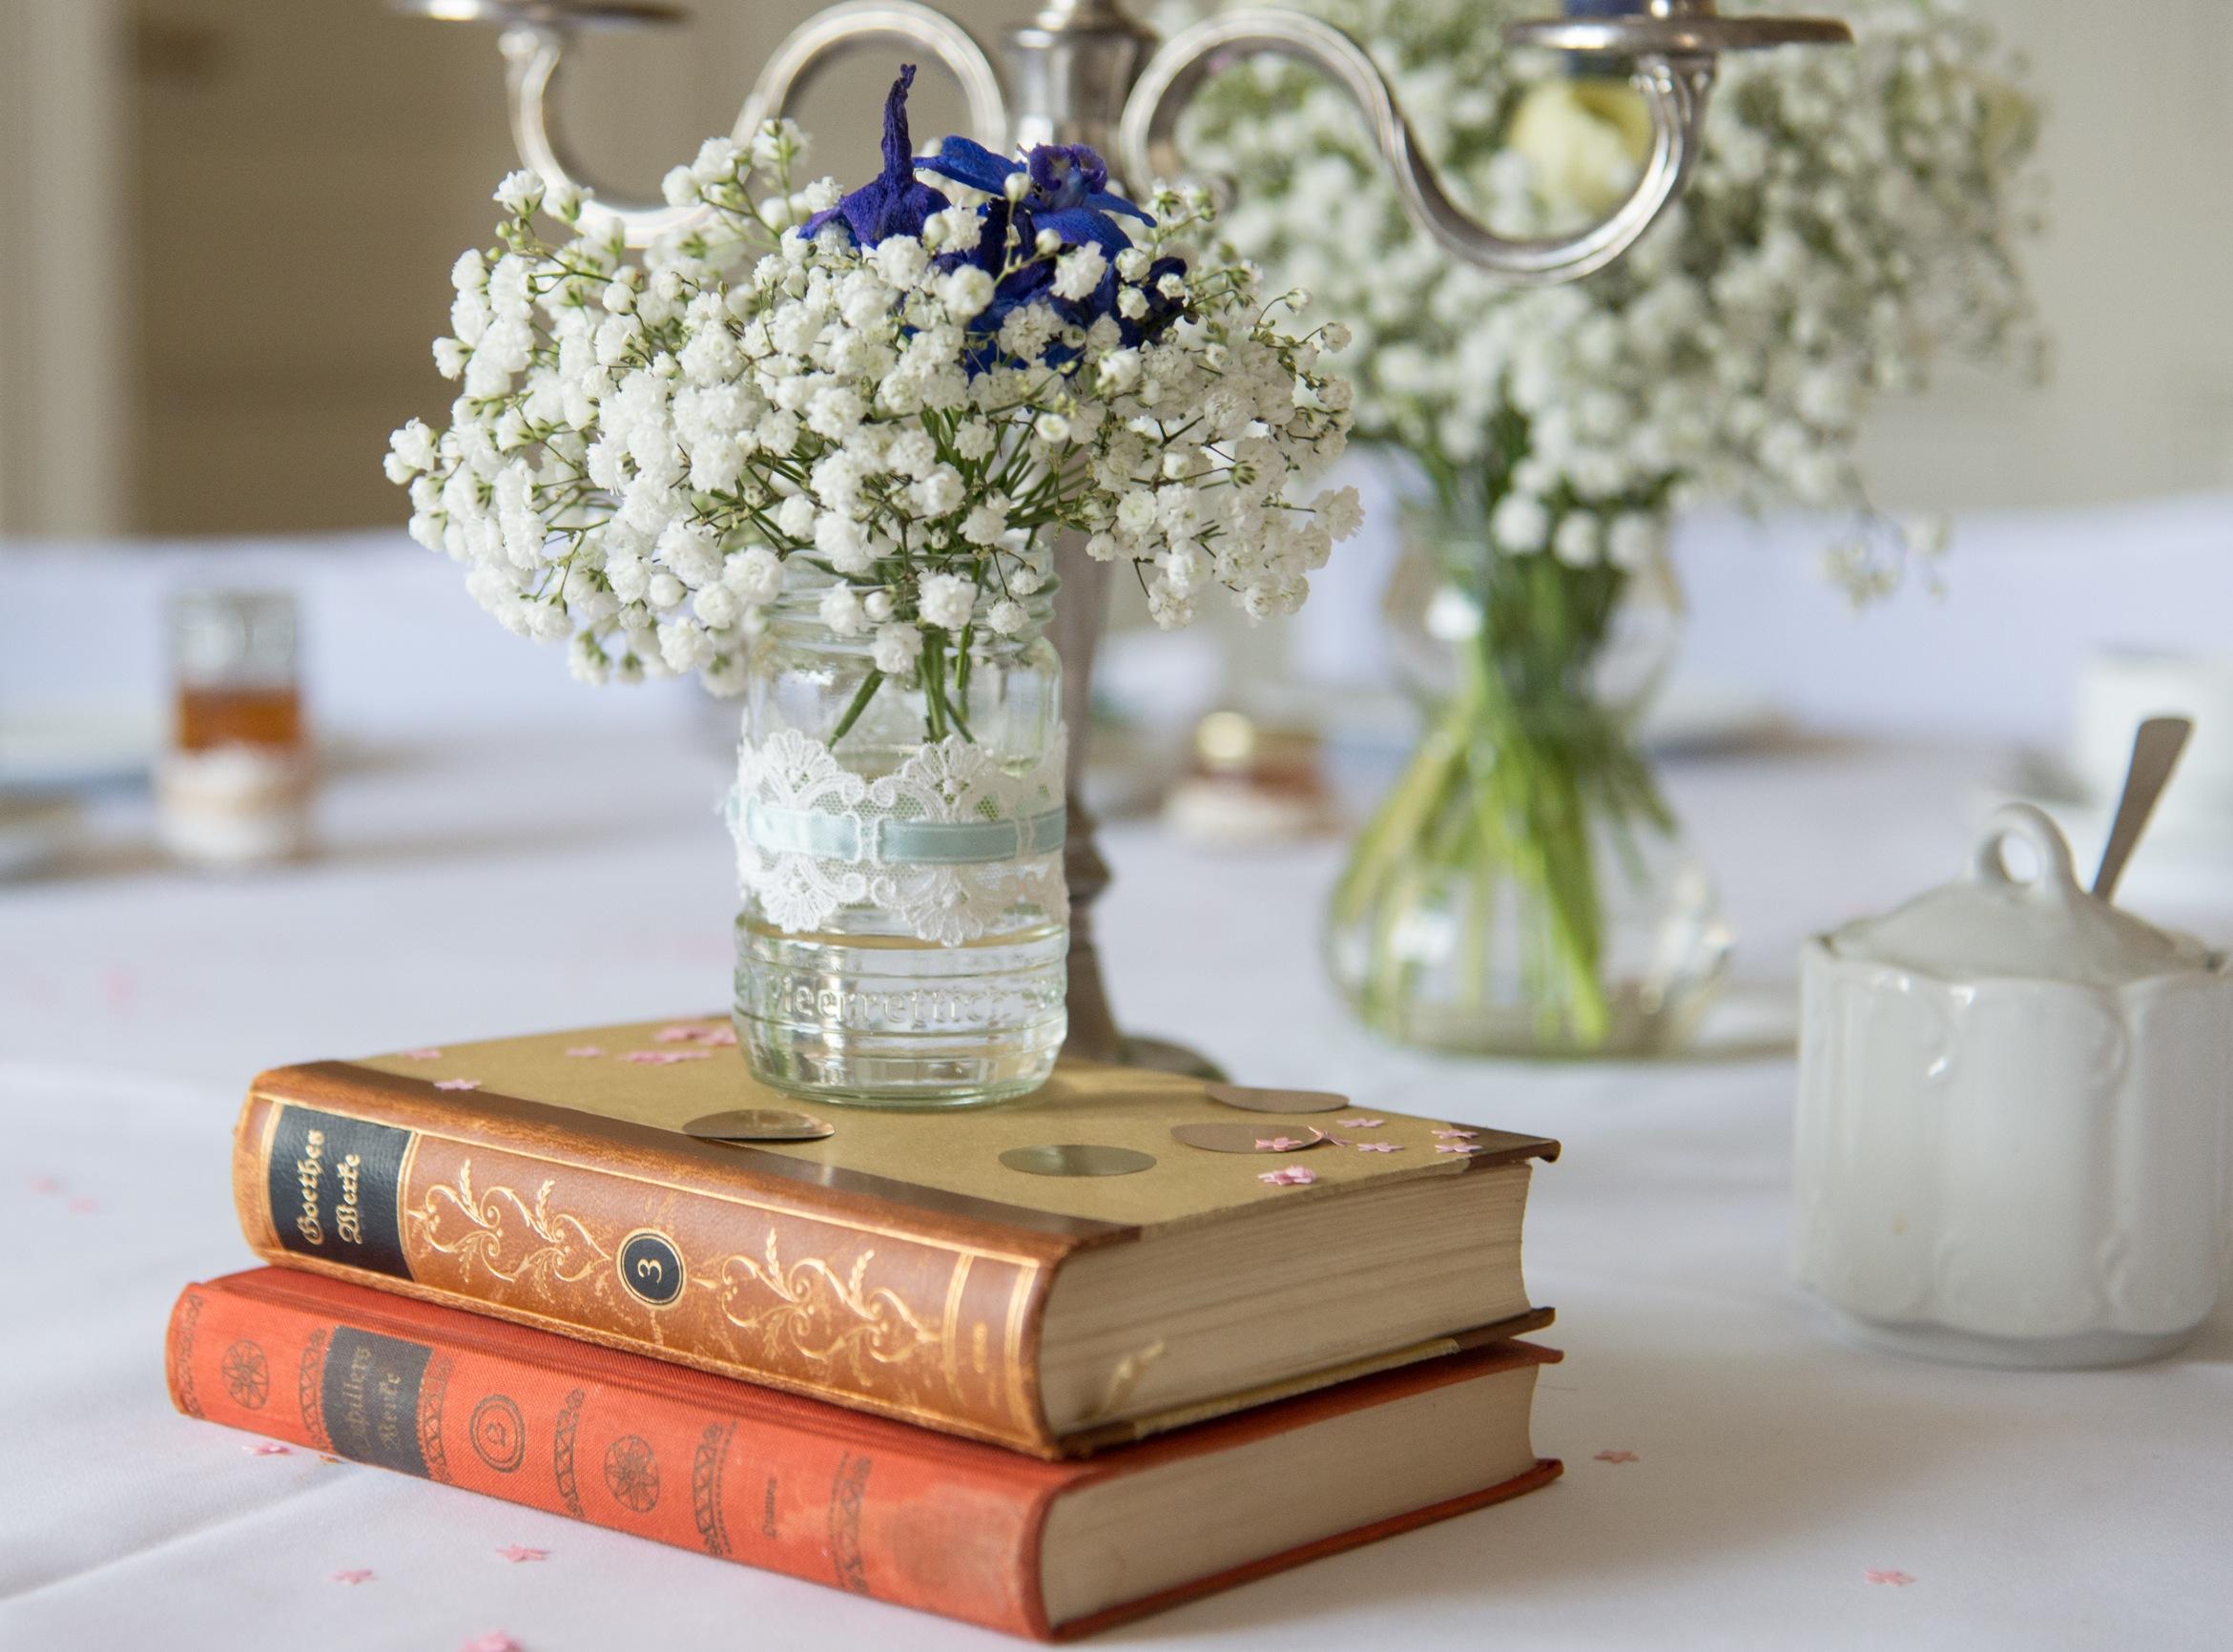 Brautsträuße und Blumen wie ich sie liebe - ganz in weiß